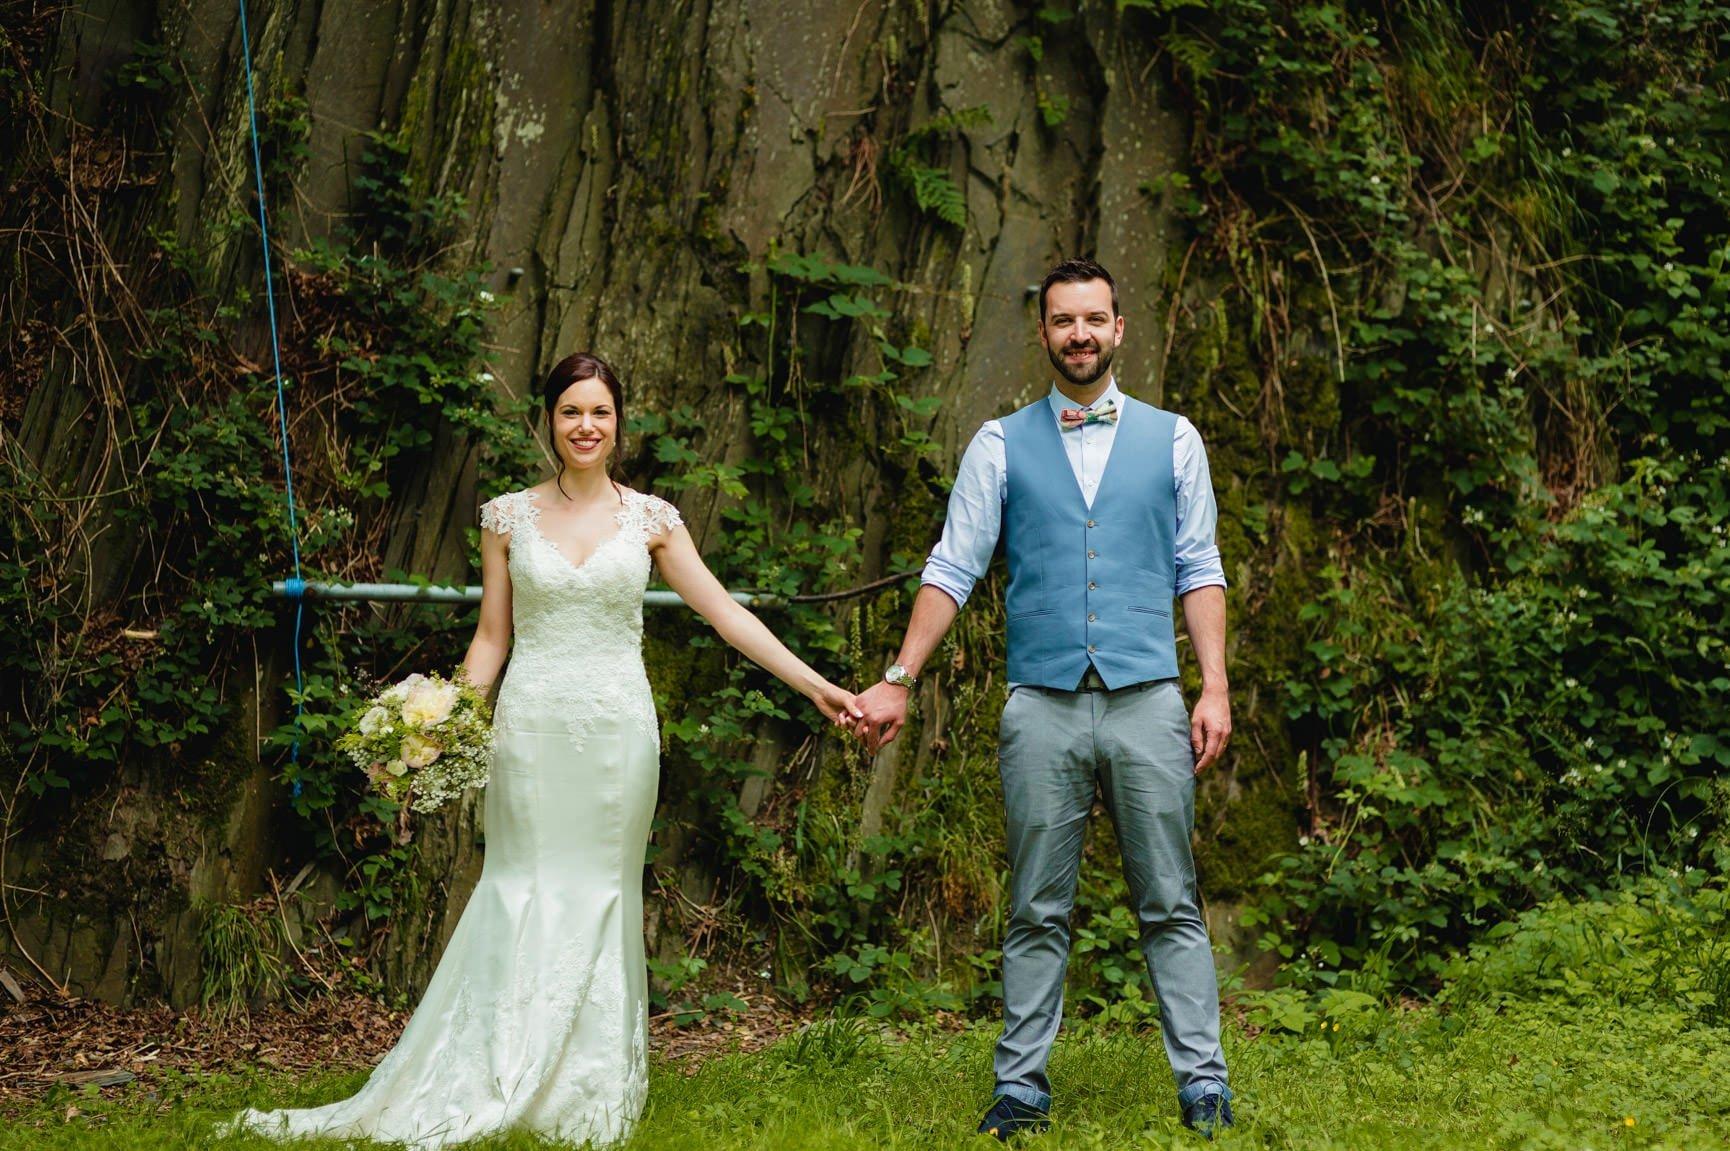 Fforest Wedding, Cardigan, Wales - Lauren and Gareth 180